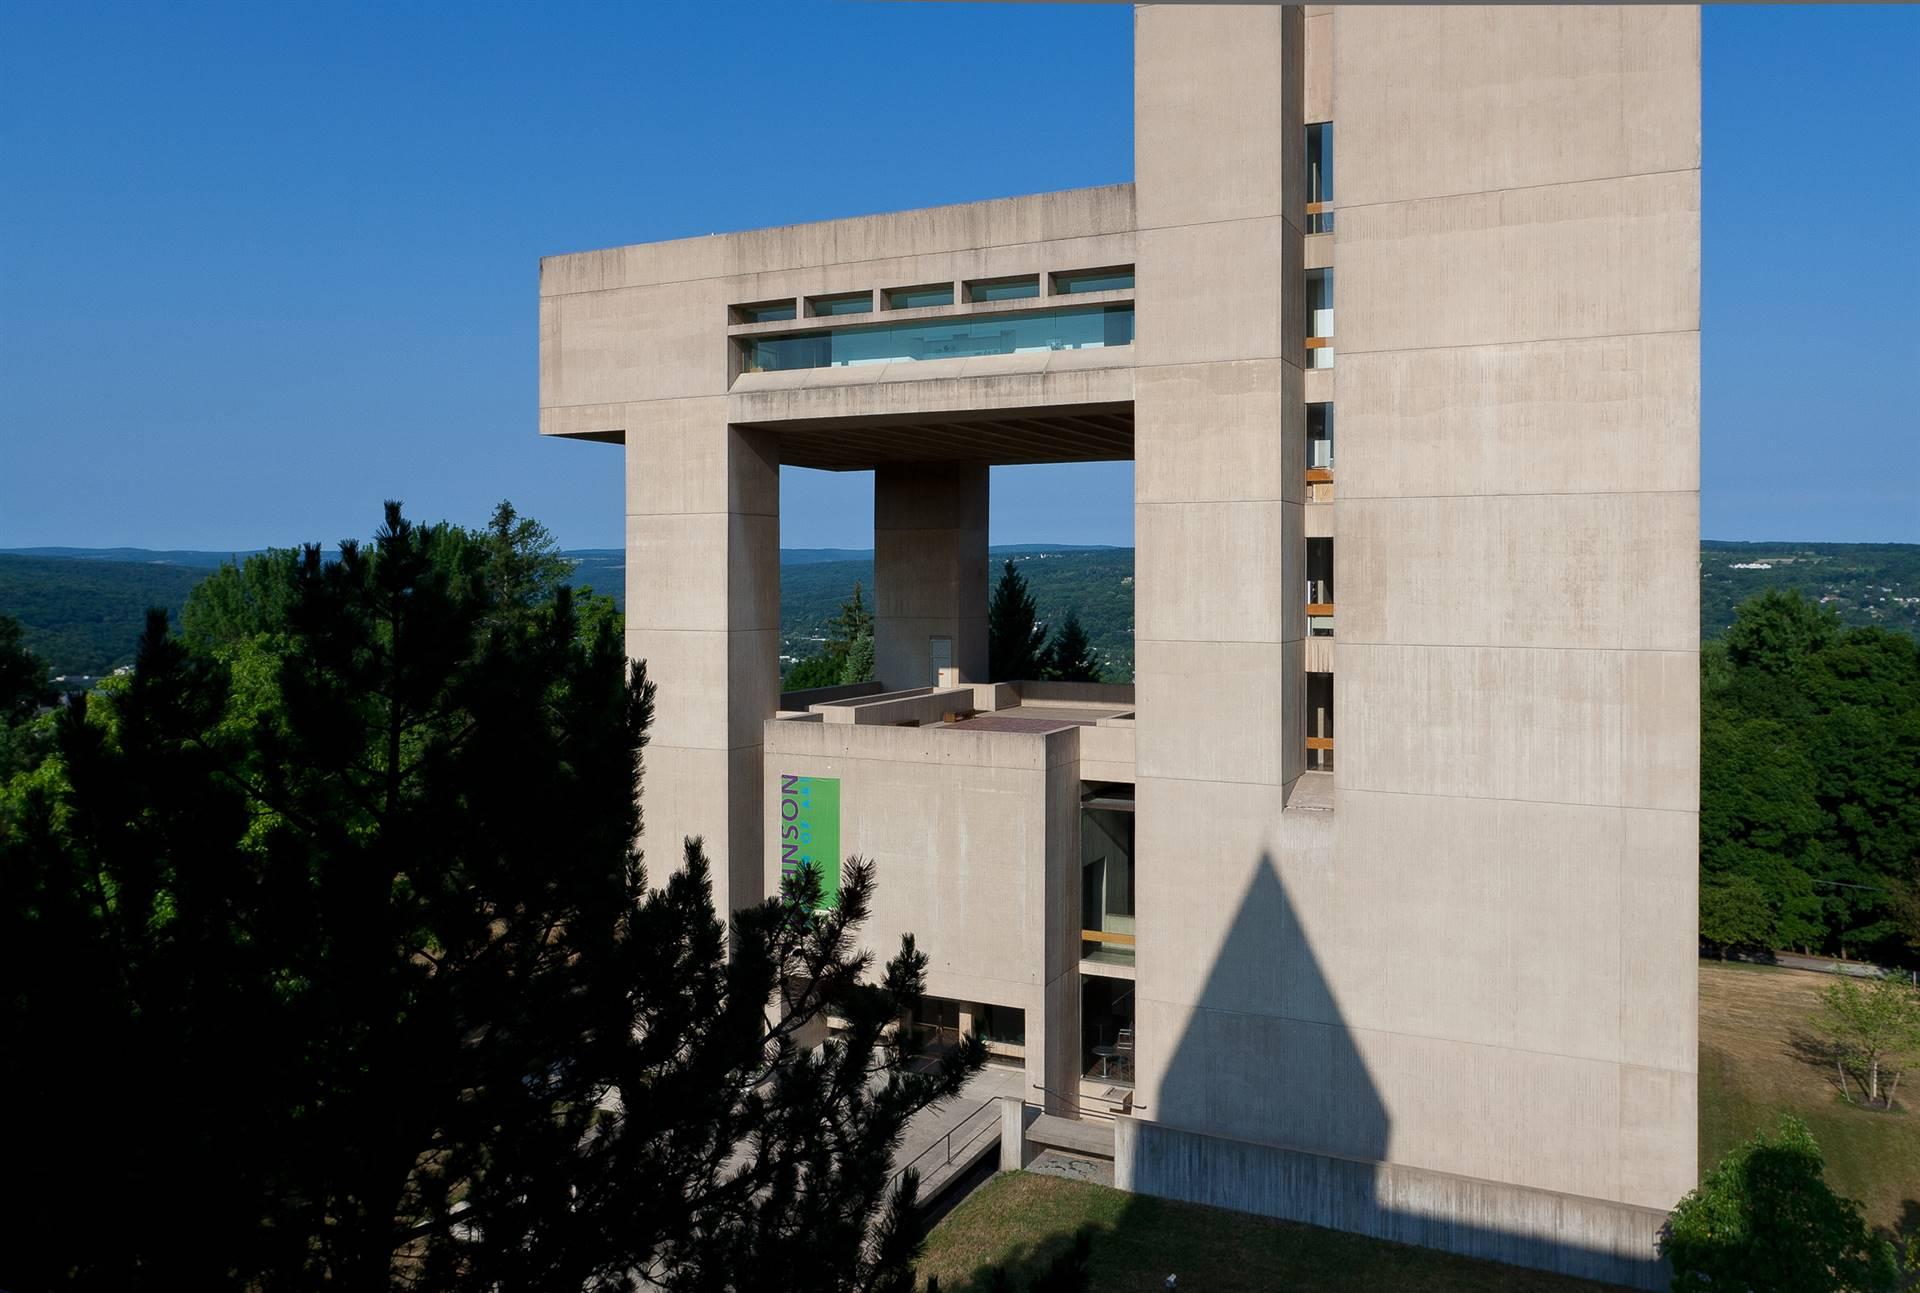 Herbert J Johnson Museum of Art